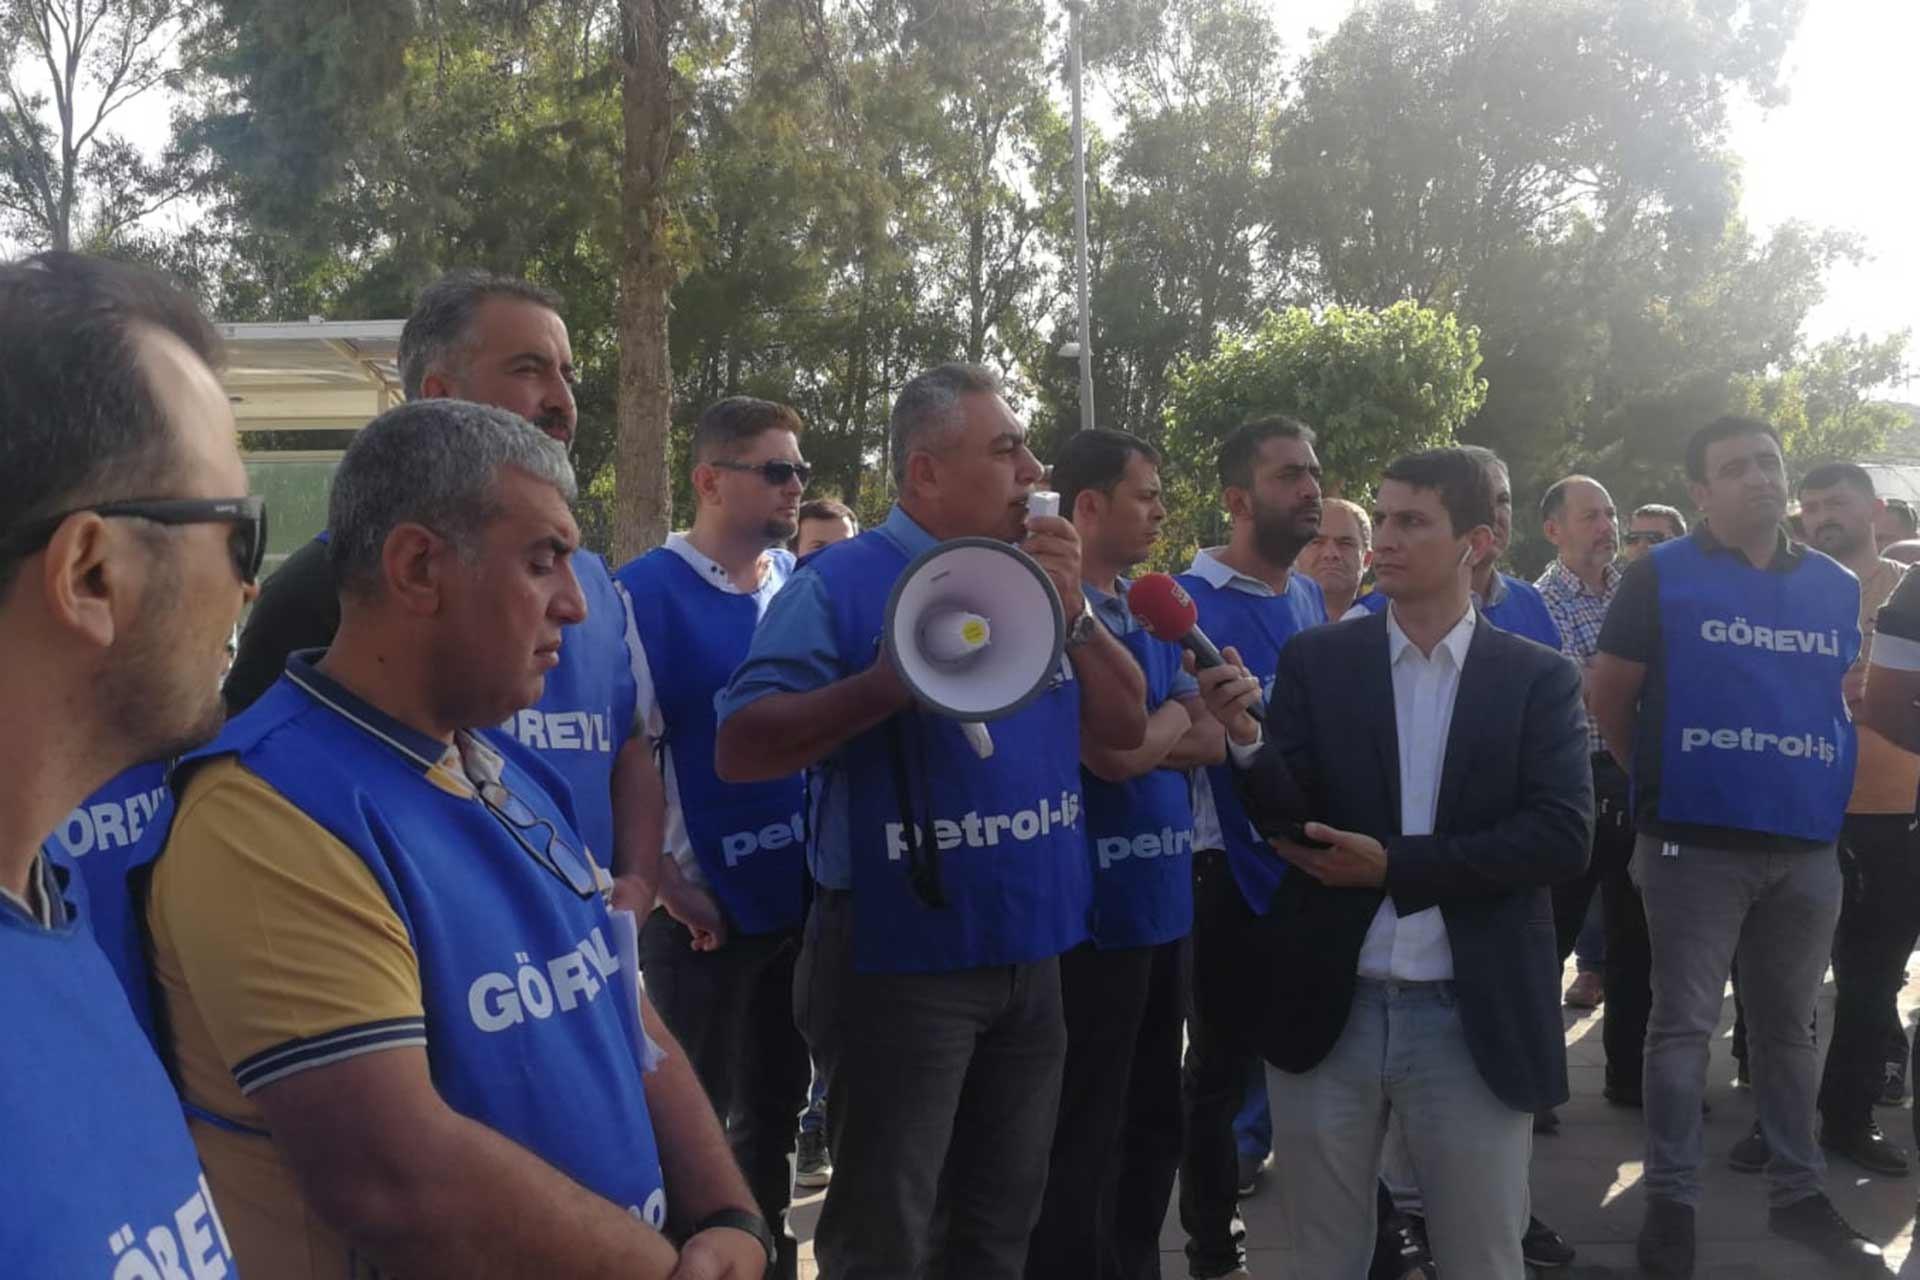 Petrol-İş Aliağa Şube Başkanı Ahmet Oktay, 'TÜPRAŞ işvereni ne kadar zam teklif ettiğini basına açıklasın' dedi